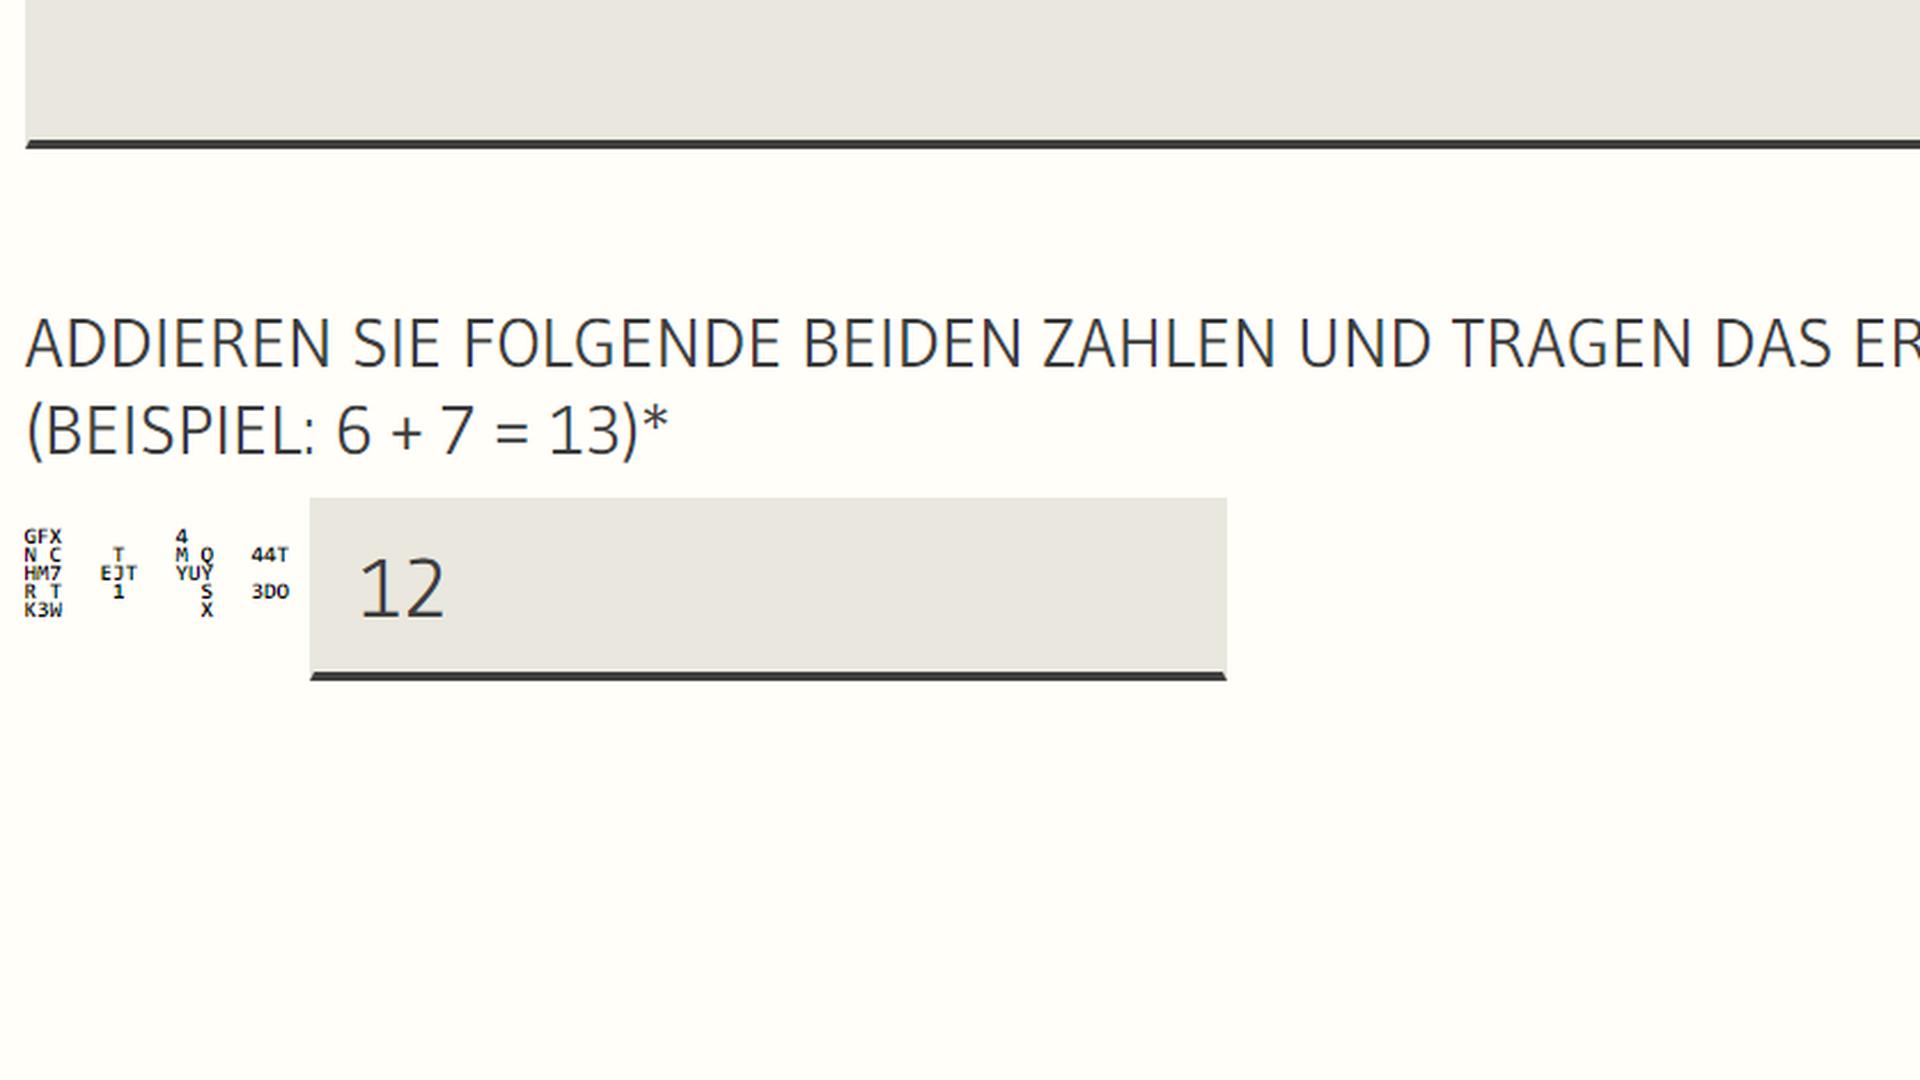 Vor dem Abschicken des Kontaktformulars müssen Nutzer bei den meisten baden-württembergischen Ministerien zwei schwer lesbare Zahlen addieren.